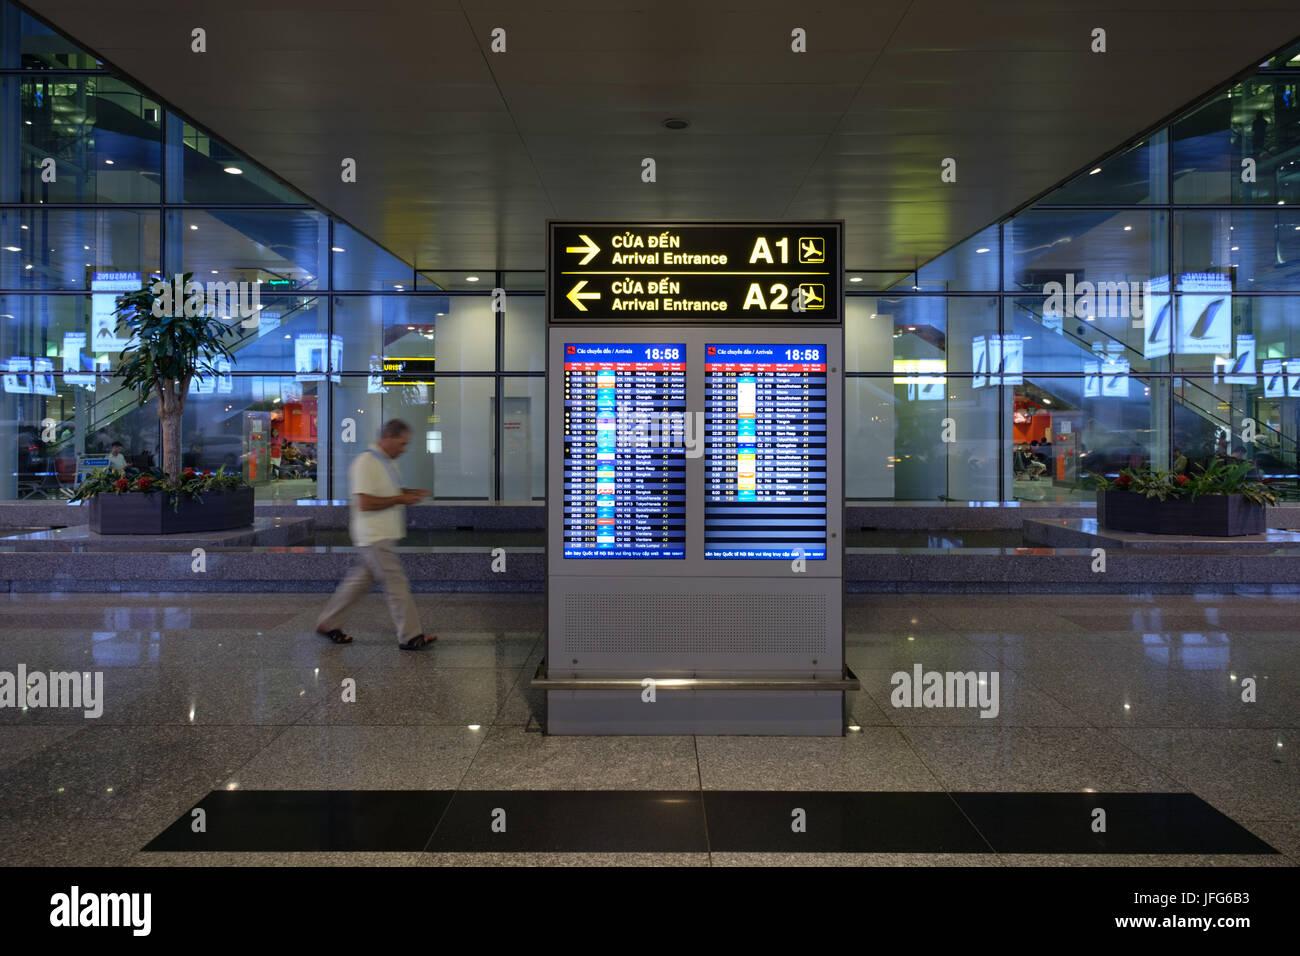 Noi Bai Hanoi International Airport, Vietnam, Asia - Stock Image